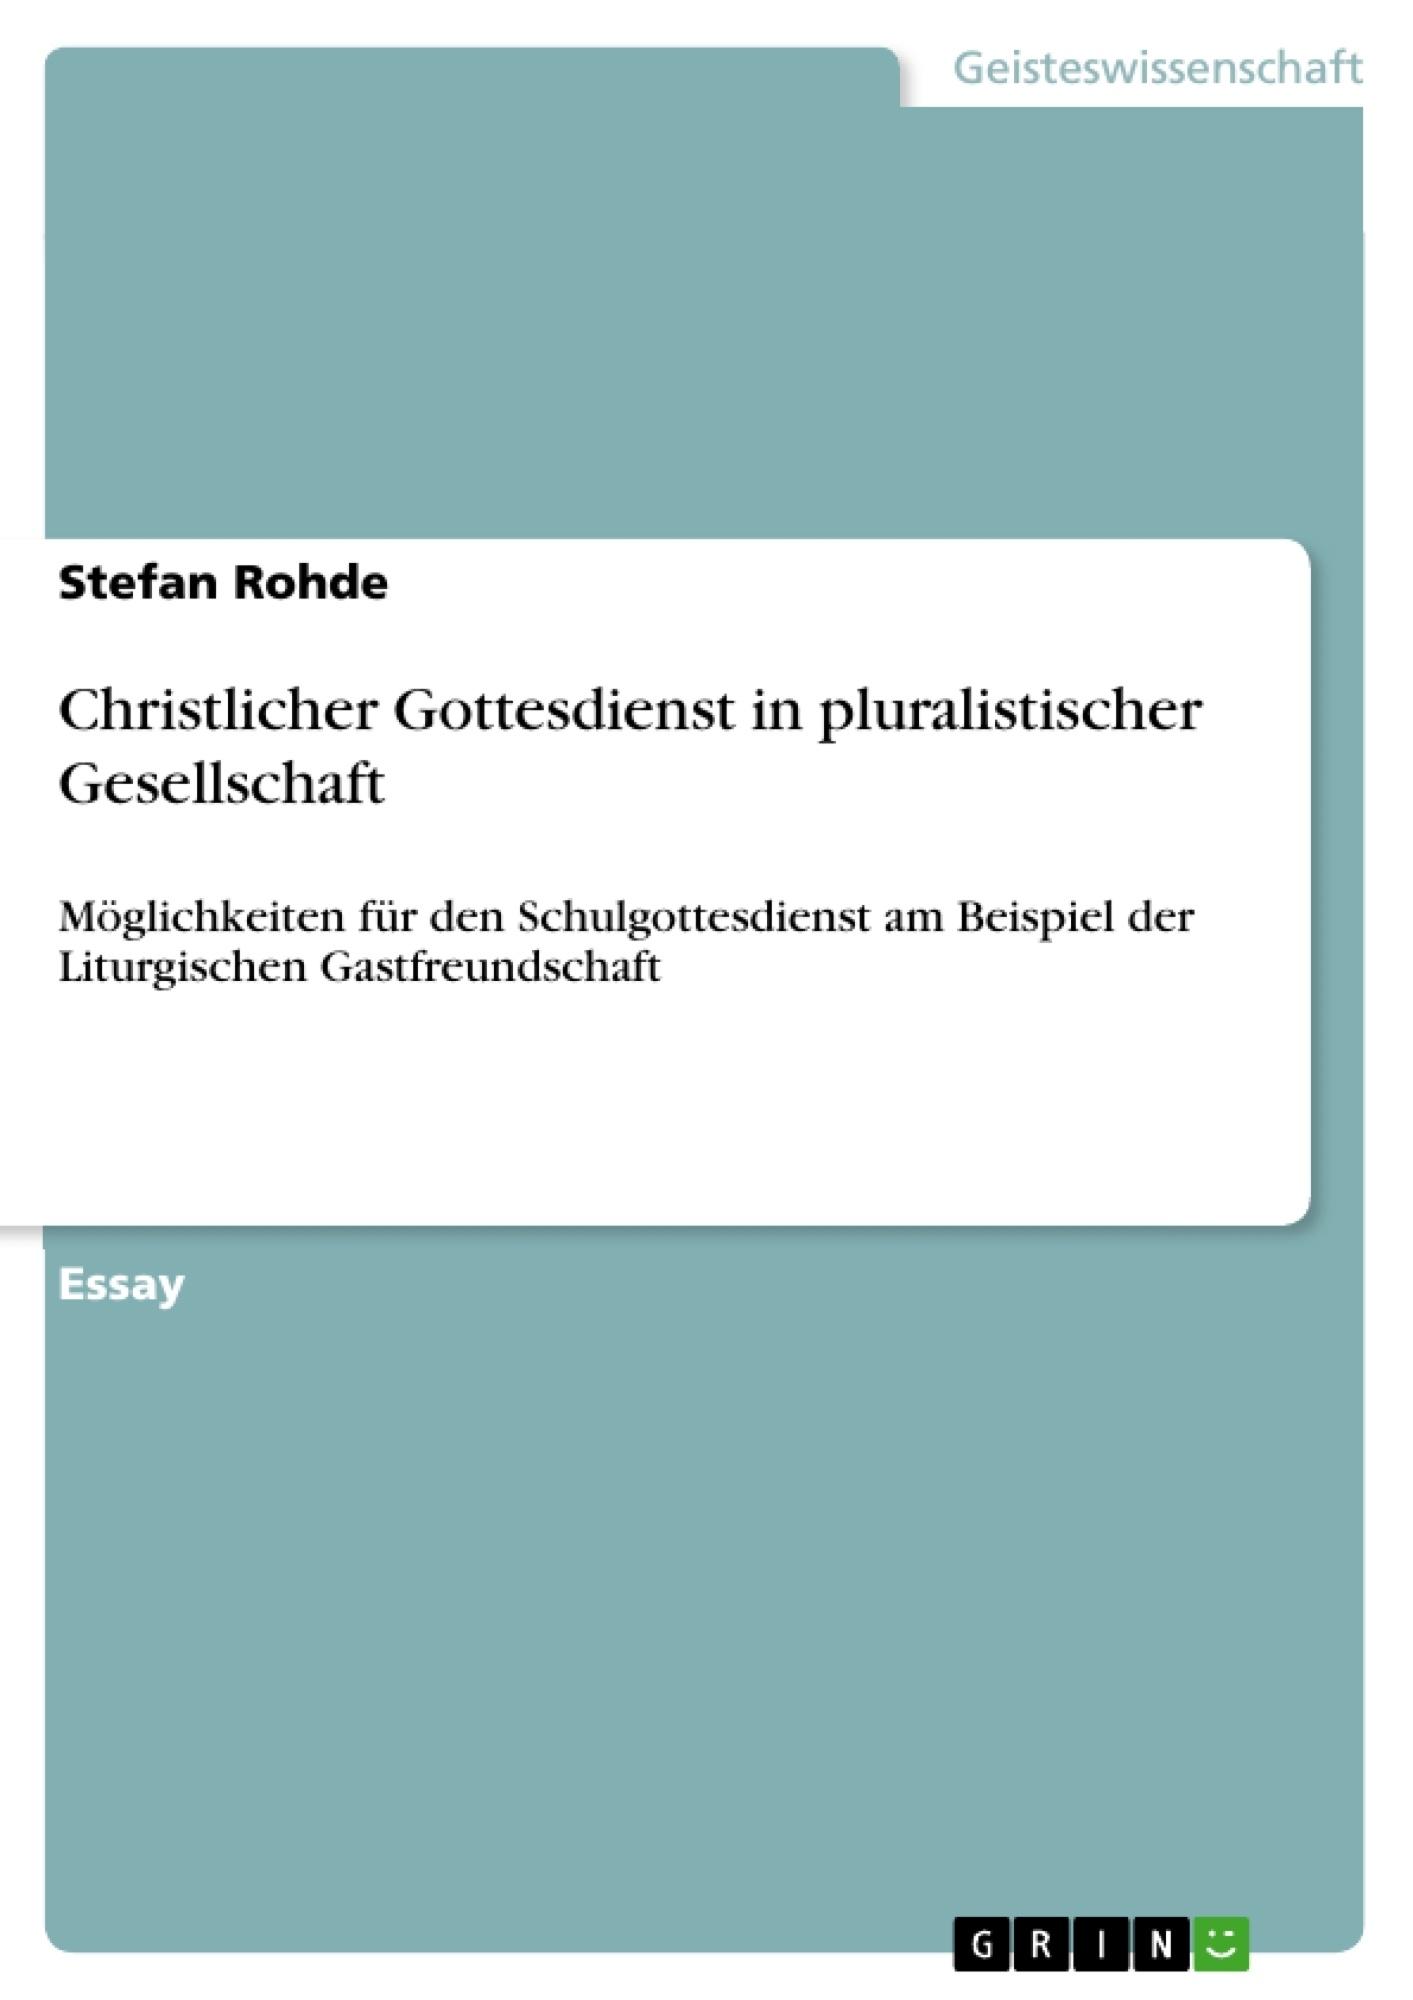 Titel: Christlicher Gottesdienst in pluralistischer Gesellschaft